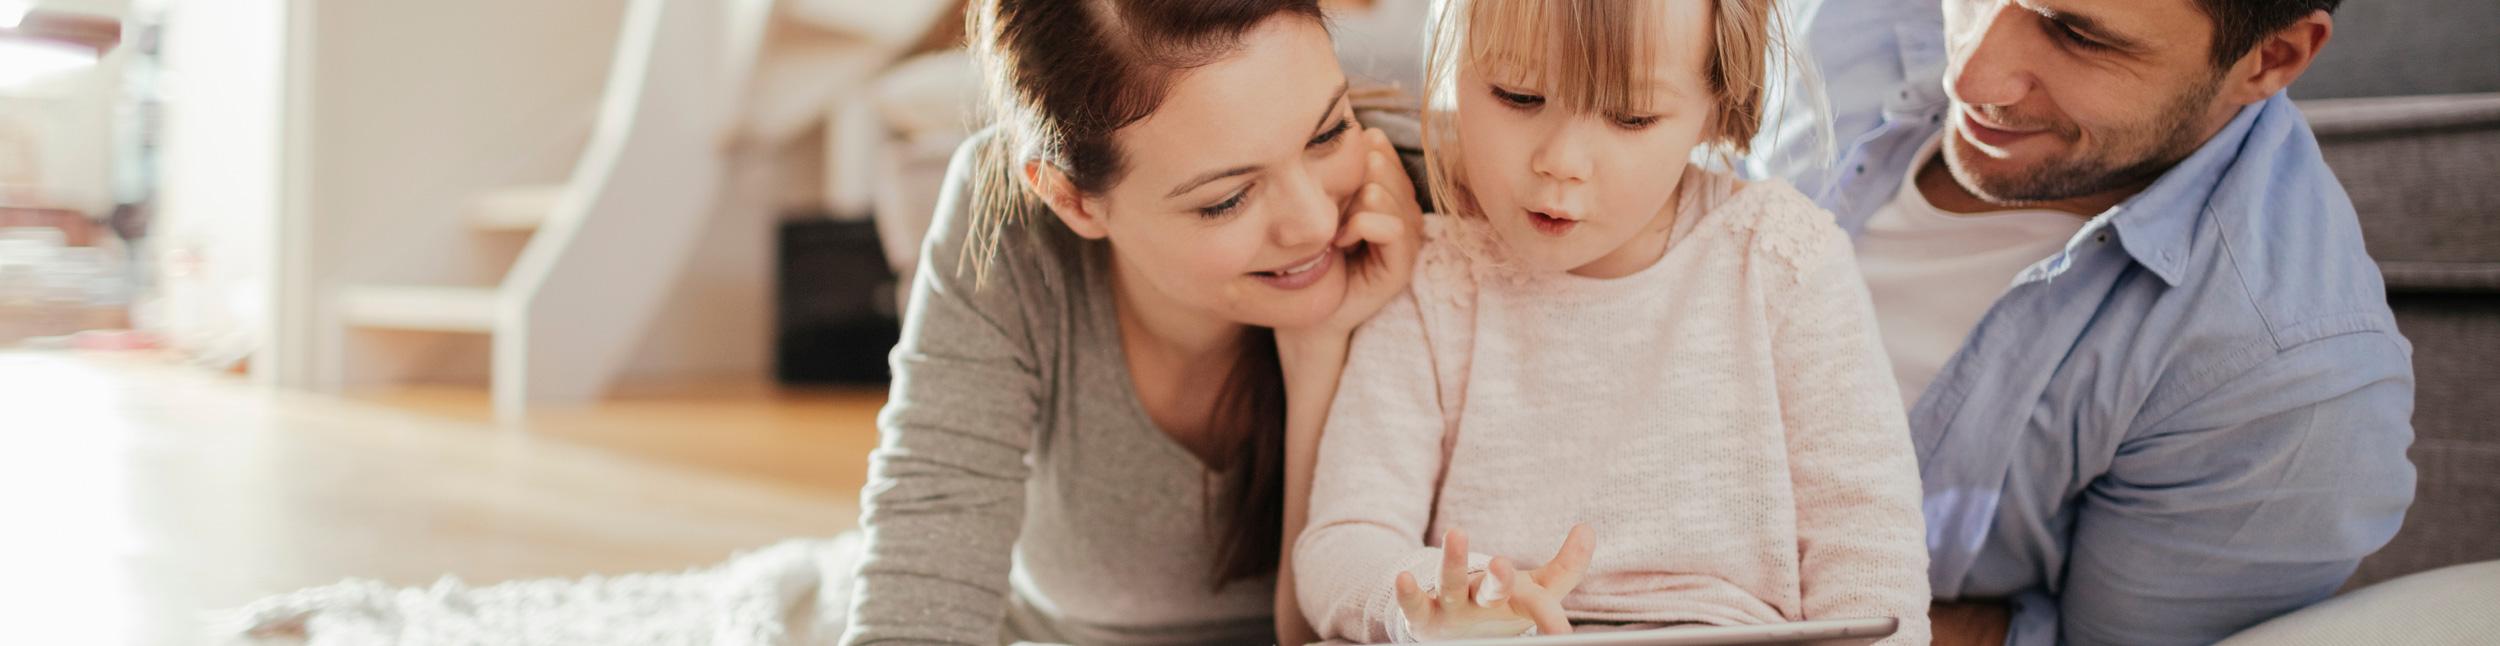 Familie mit Kind sitzen am Boden im Wohnzimmer und schauen auf ein Tablett. Kuschelig warme Winter dank Heizungen der Urs Metzger AG. Fühlen Sie sich Zuhause wohl dank Heizungen der Urs Metzger AG.